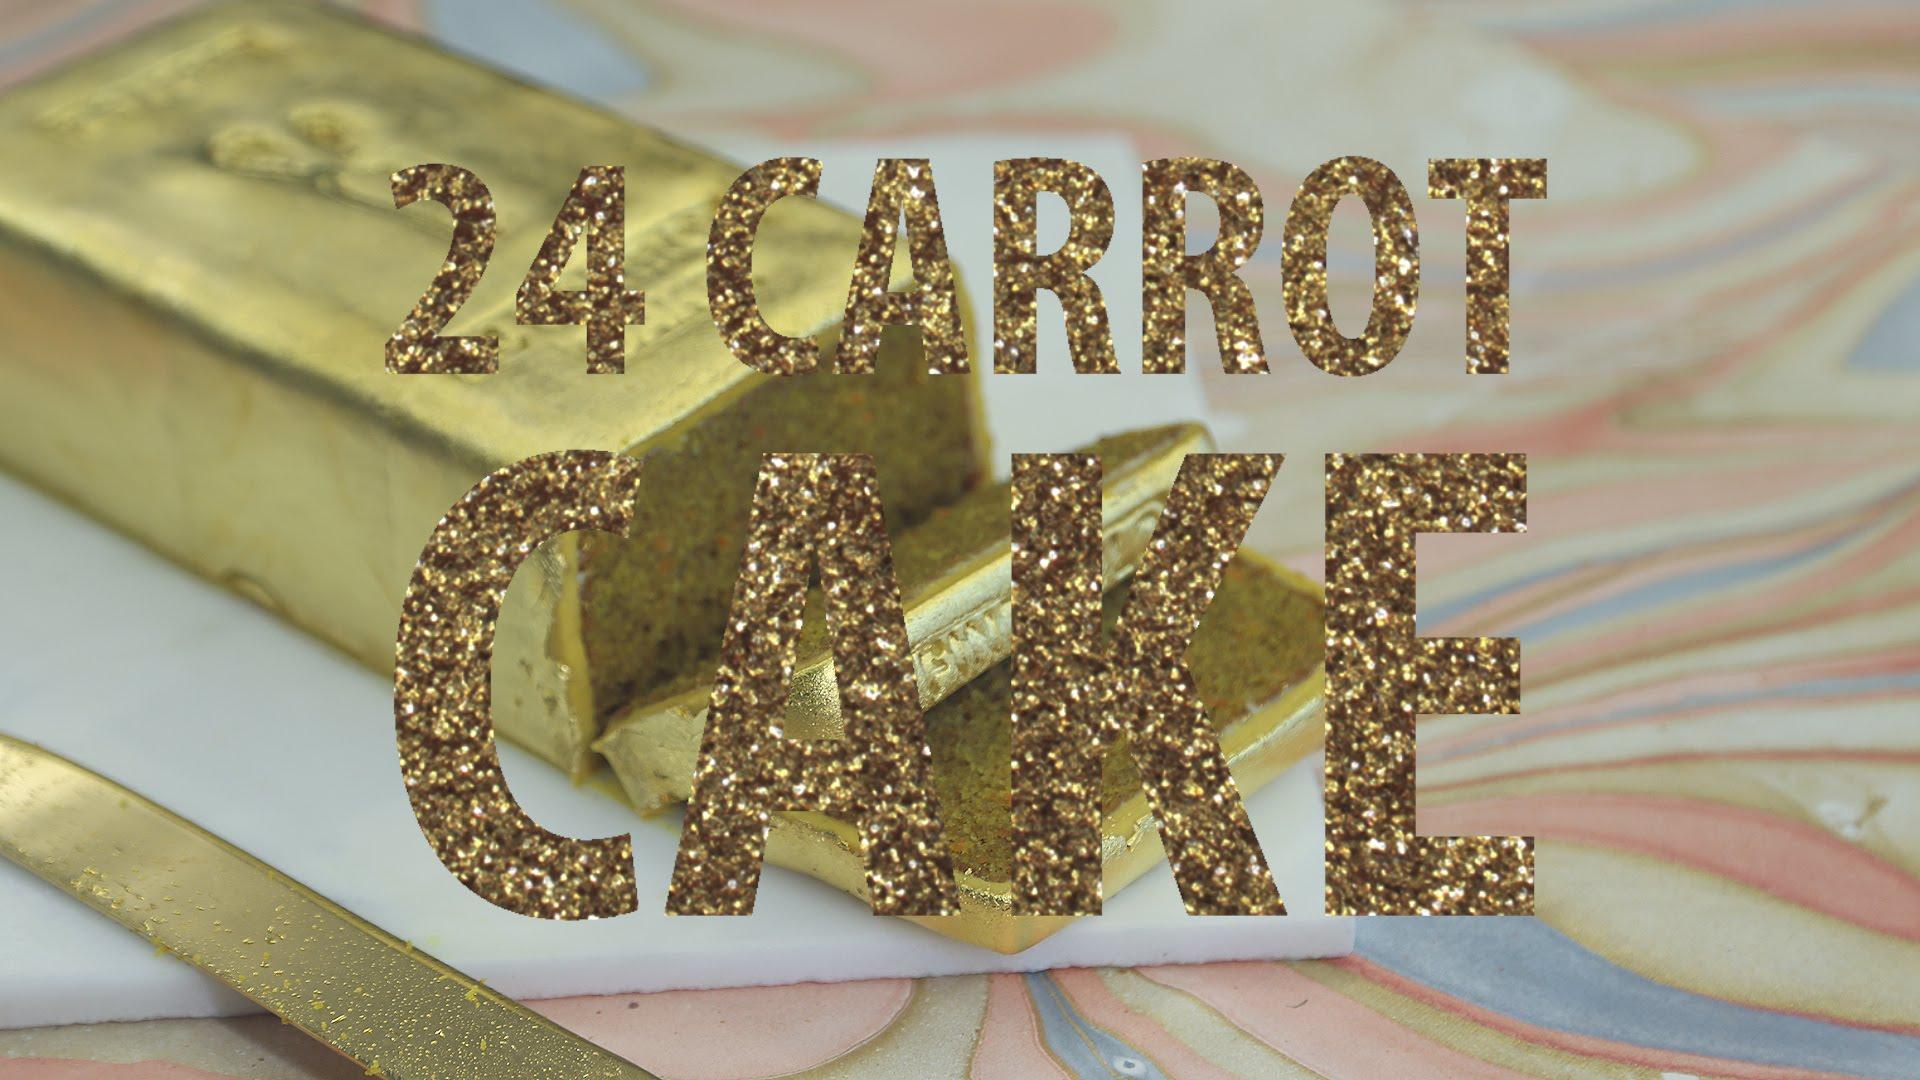 Златна торта от милион долара, която подлуди света